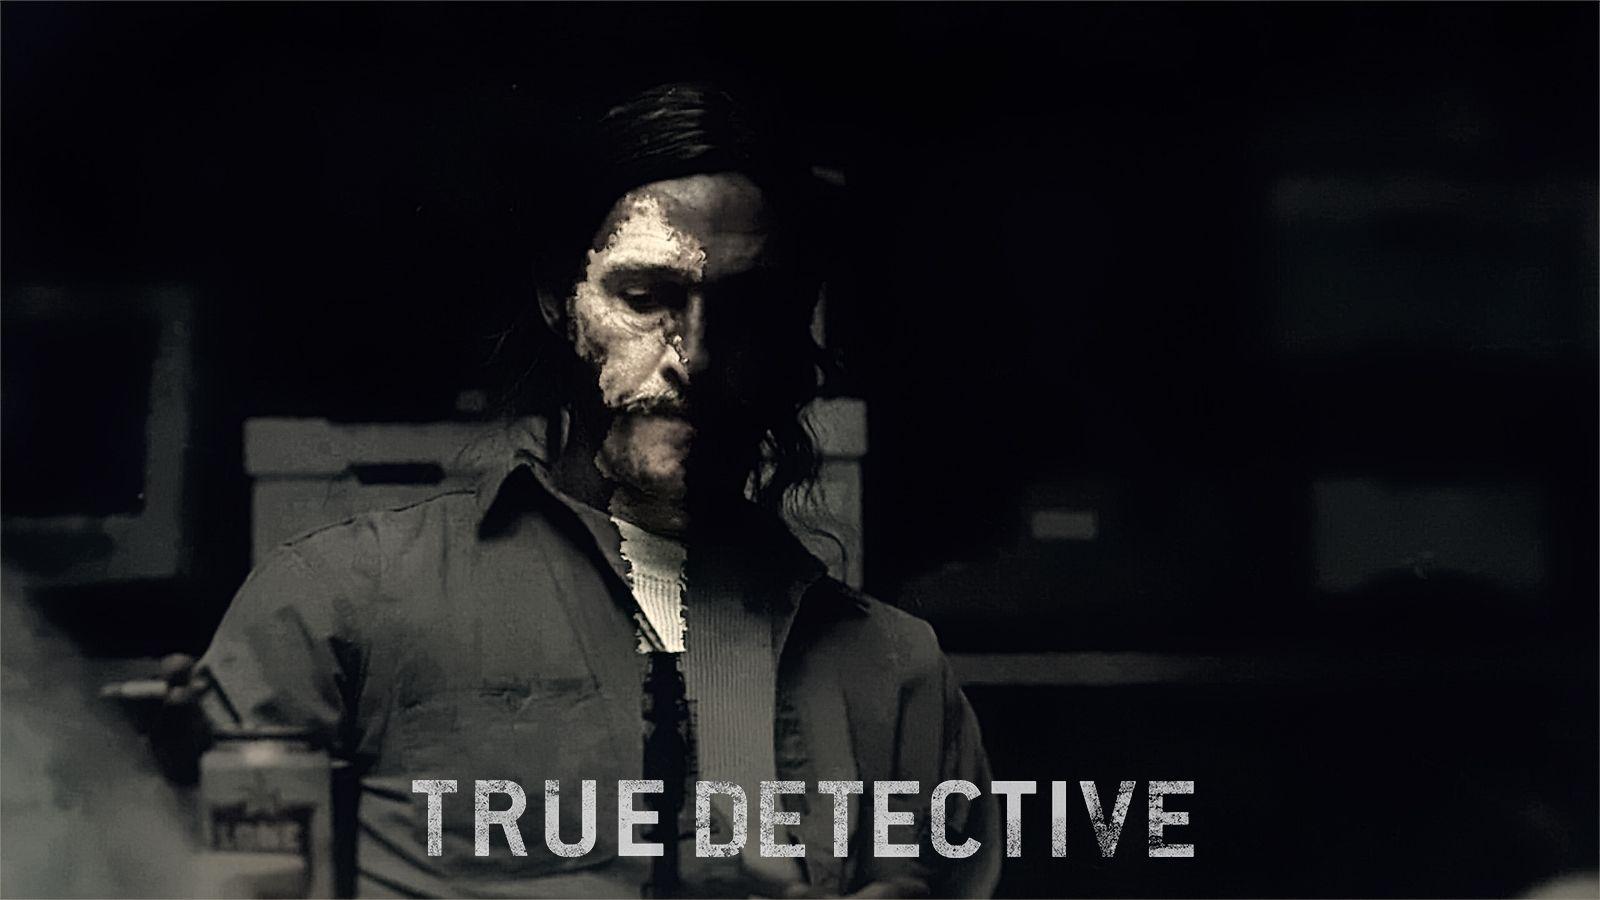 True Detective Quotes Cerca Con Google True Detective True Detective Quotes True Detective Season